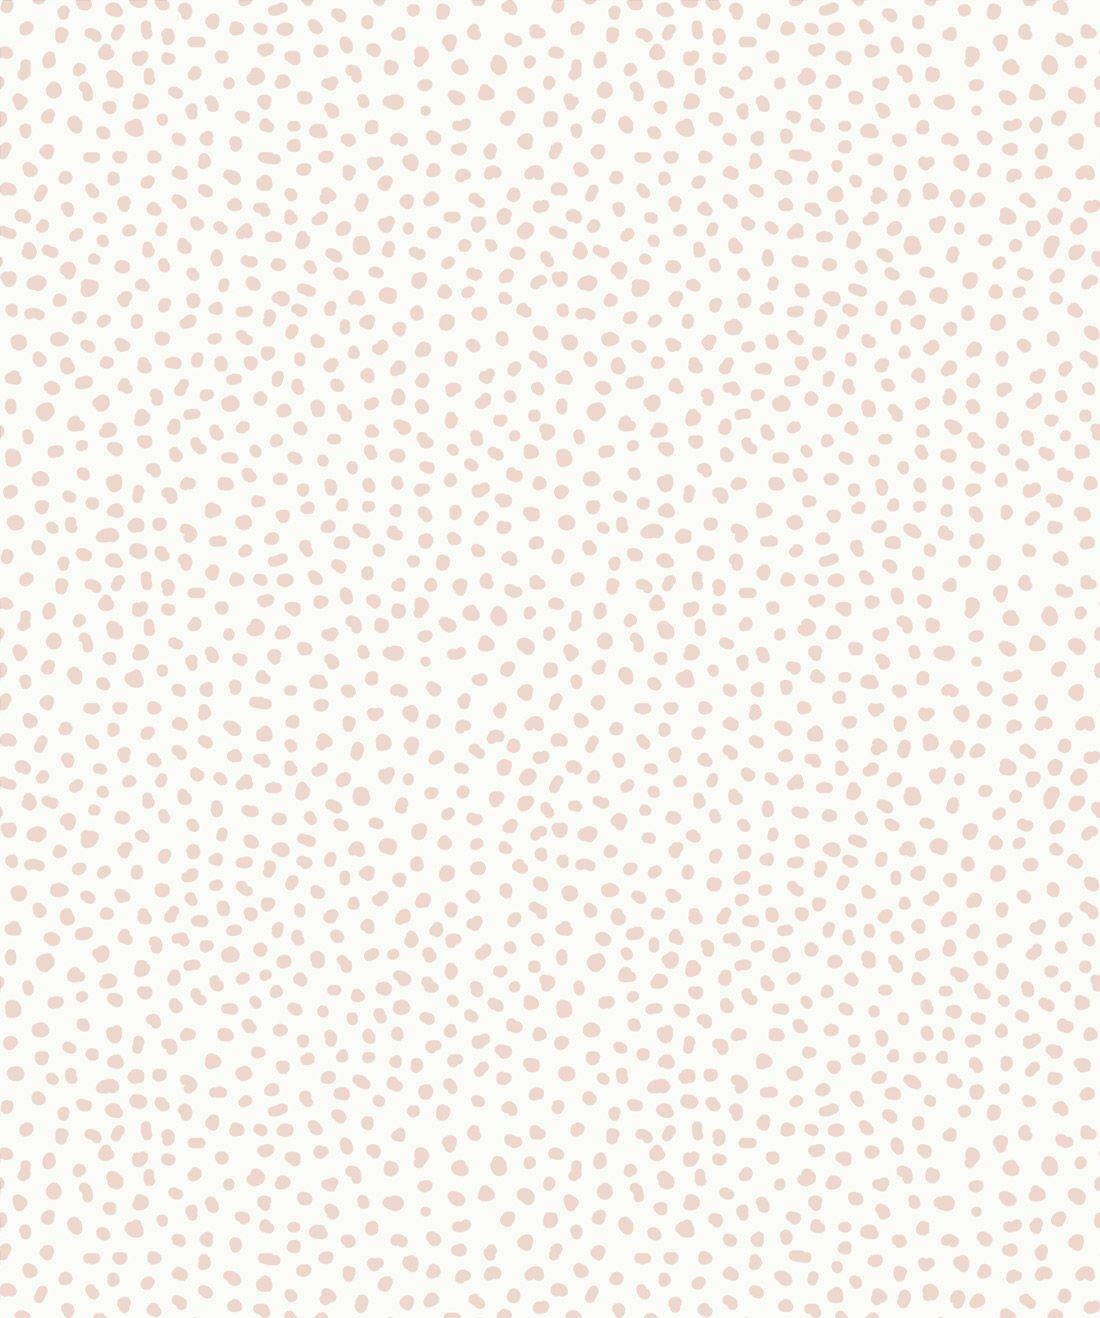 Huddy's Dots Wallpaper